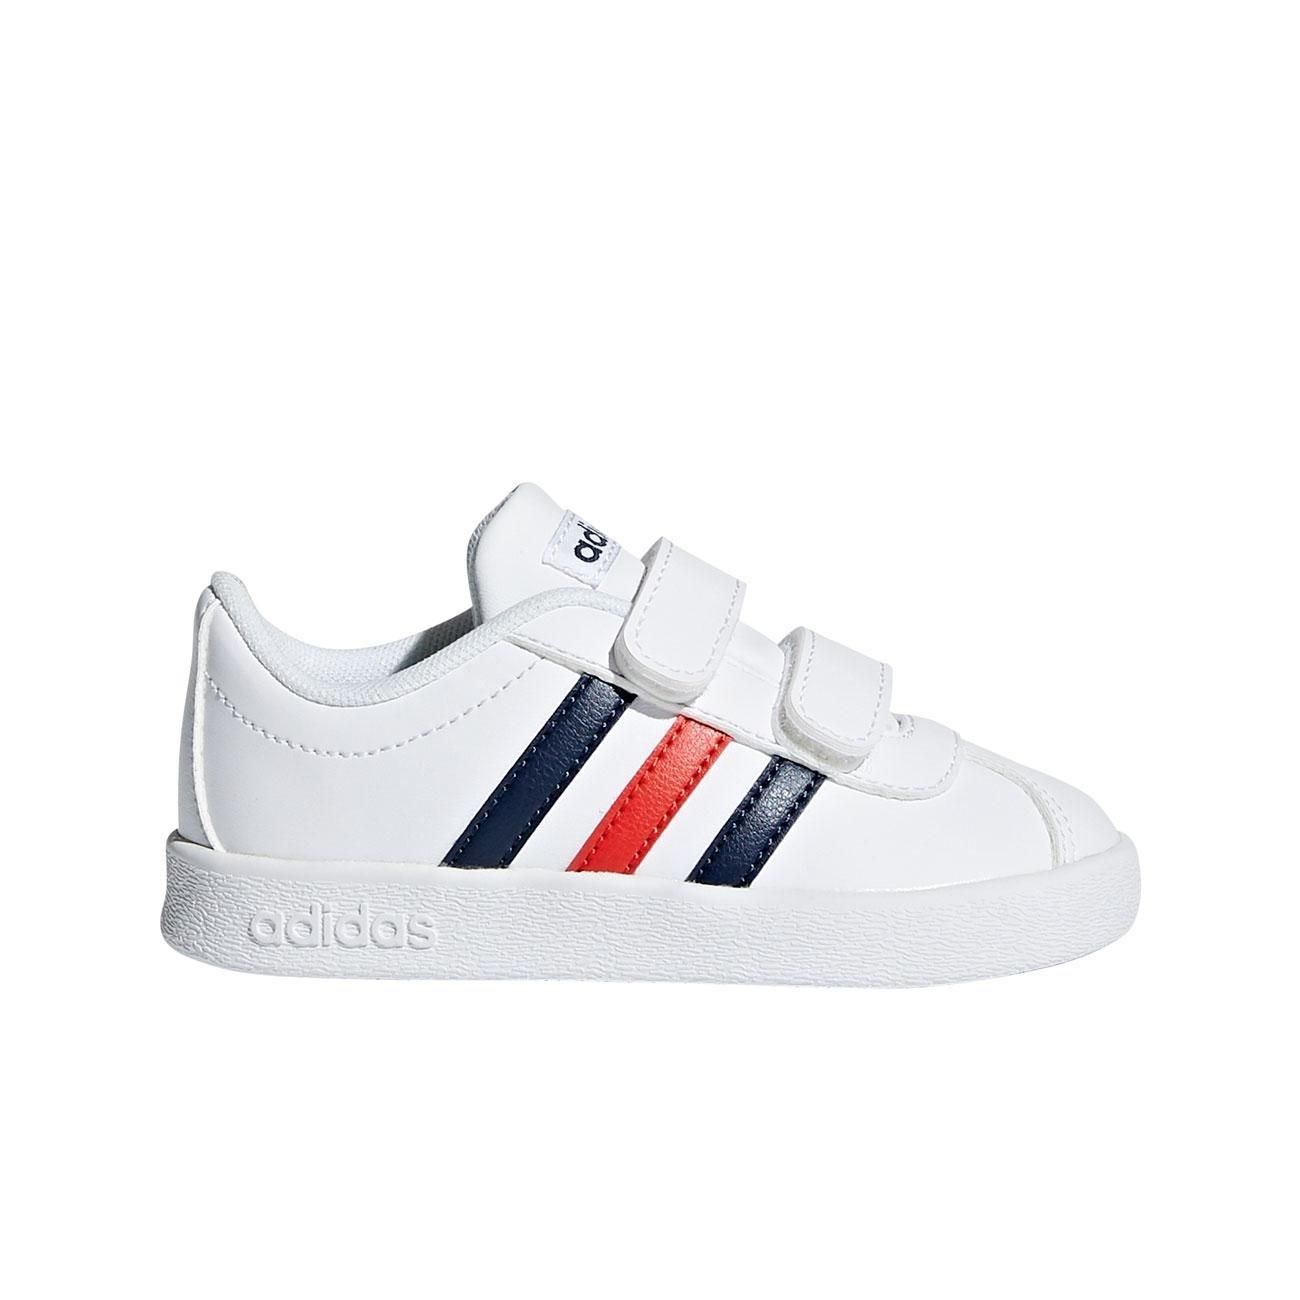 Adidas VL Court 2.0 CMF I, Chaussures de Gymnastique Mixte bébé